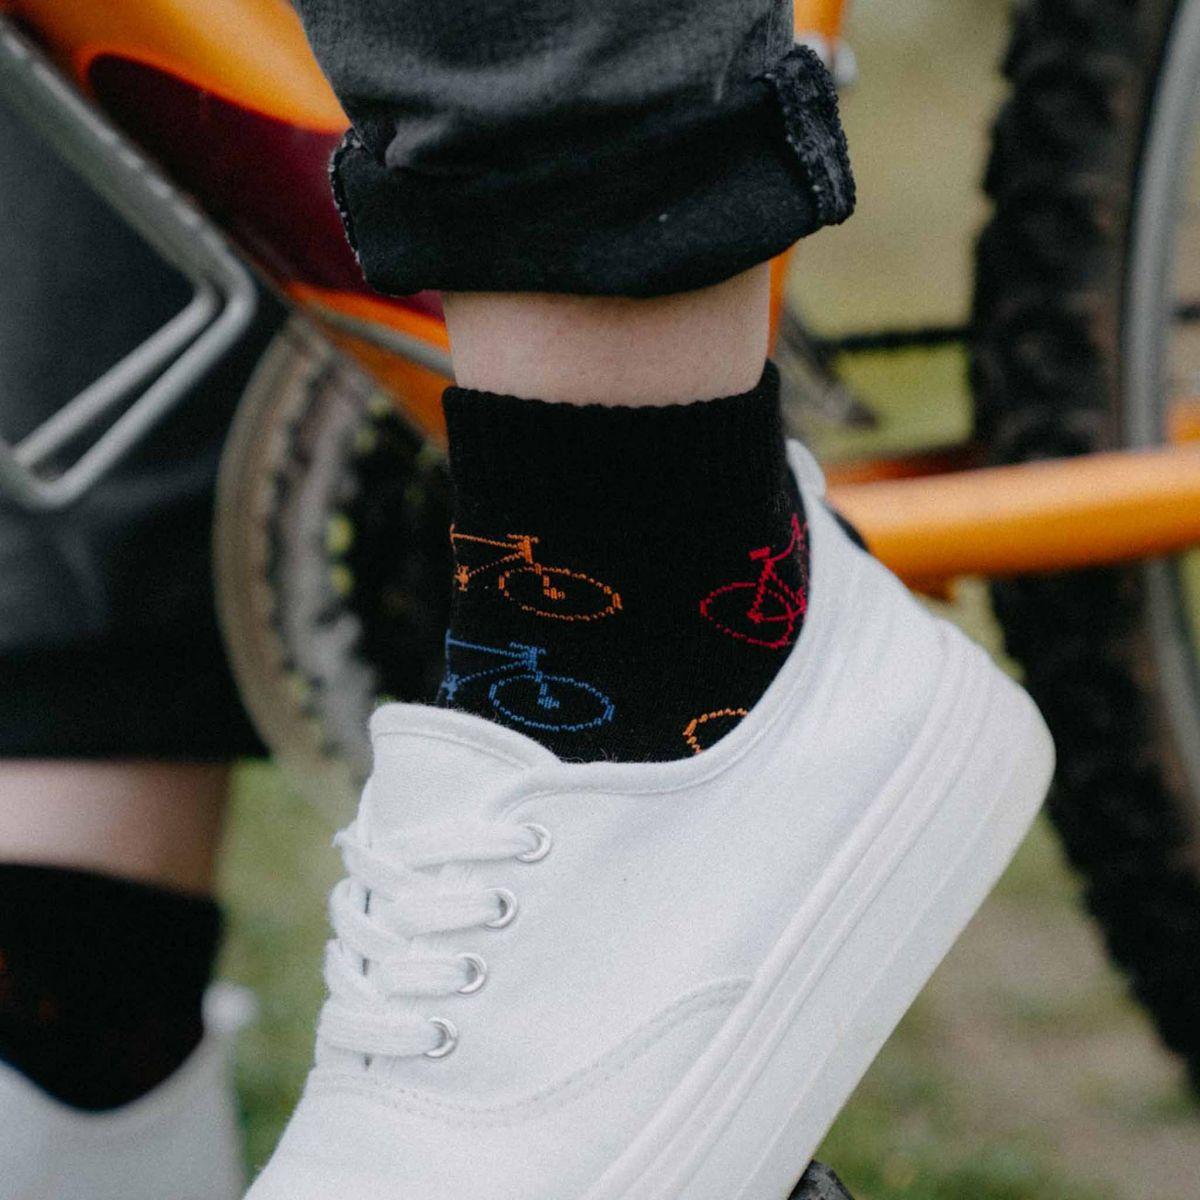 Șosete - Bicicletă 12 - joase p2